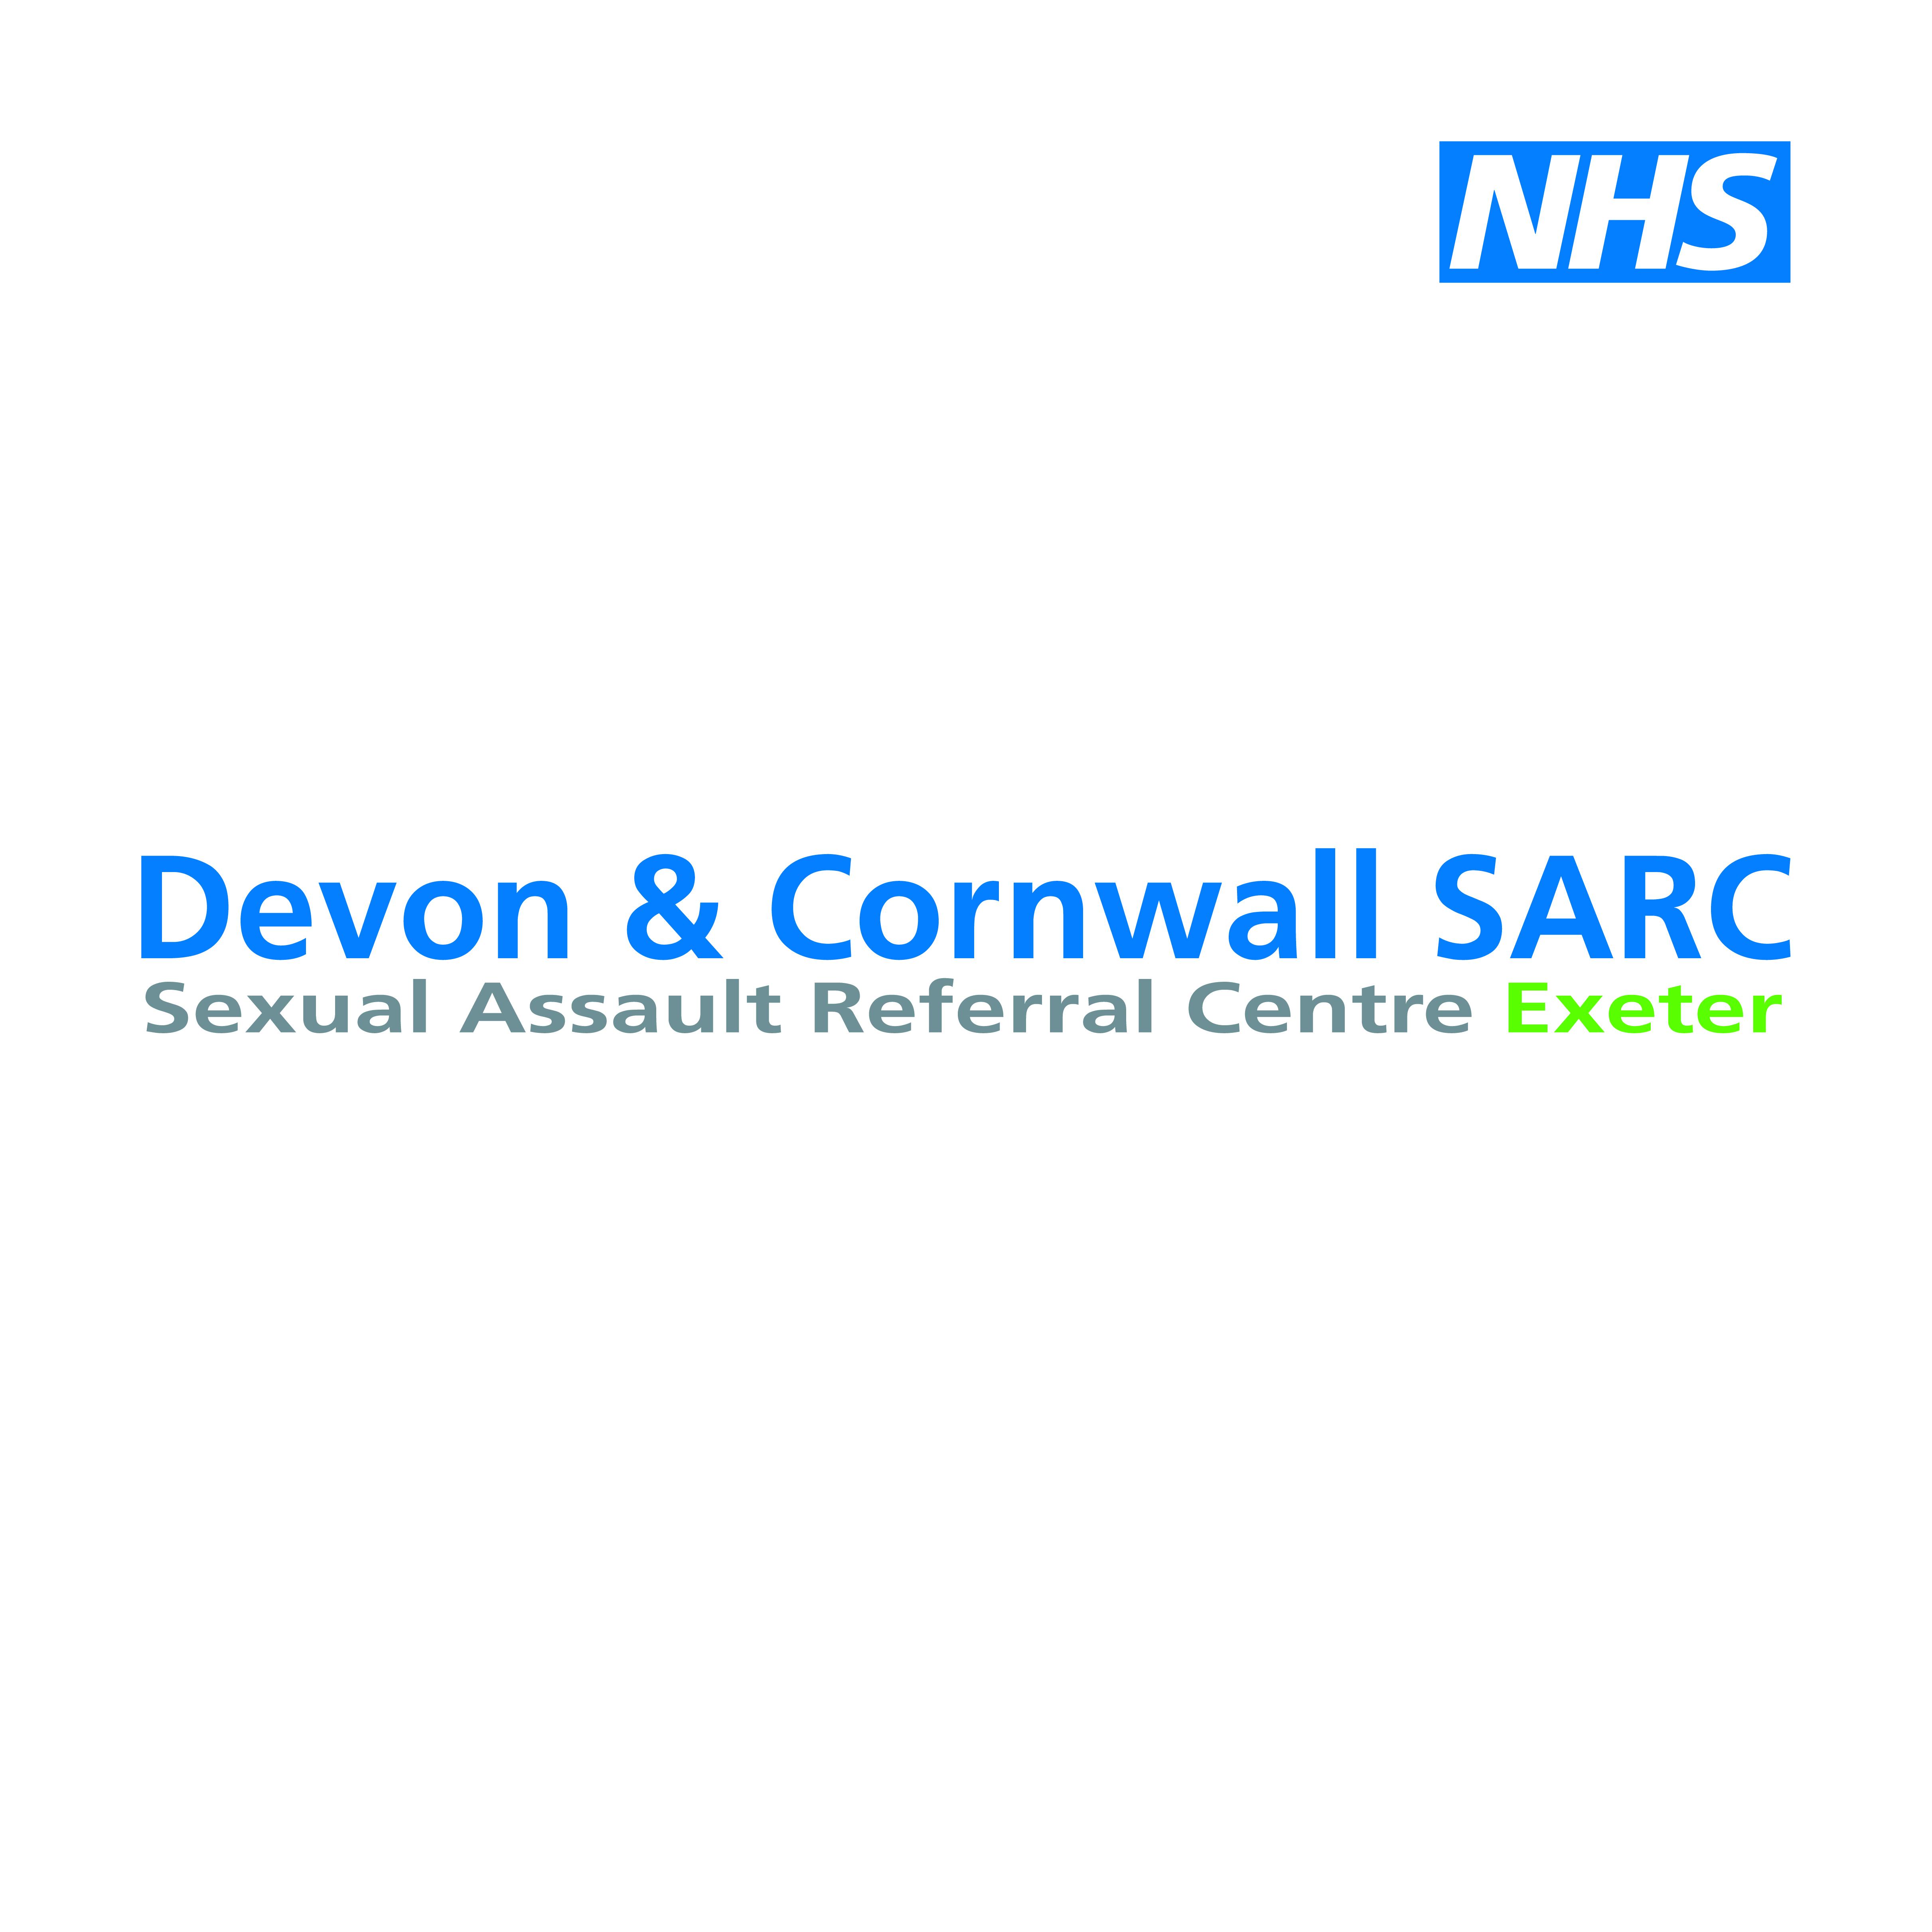 Devon & Cornwall SARC